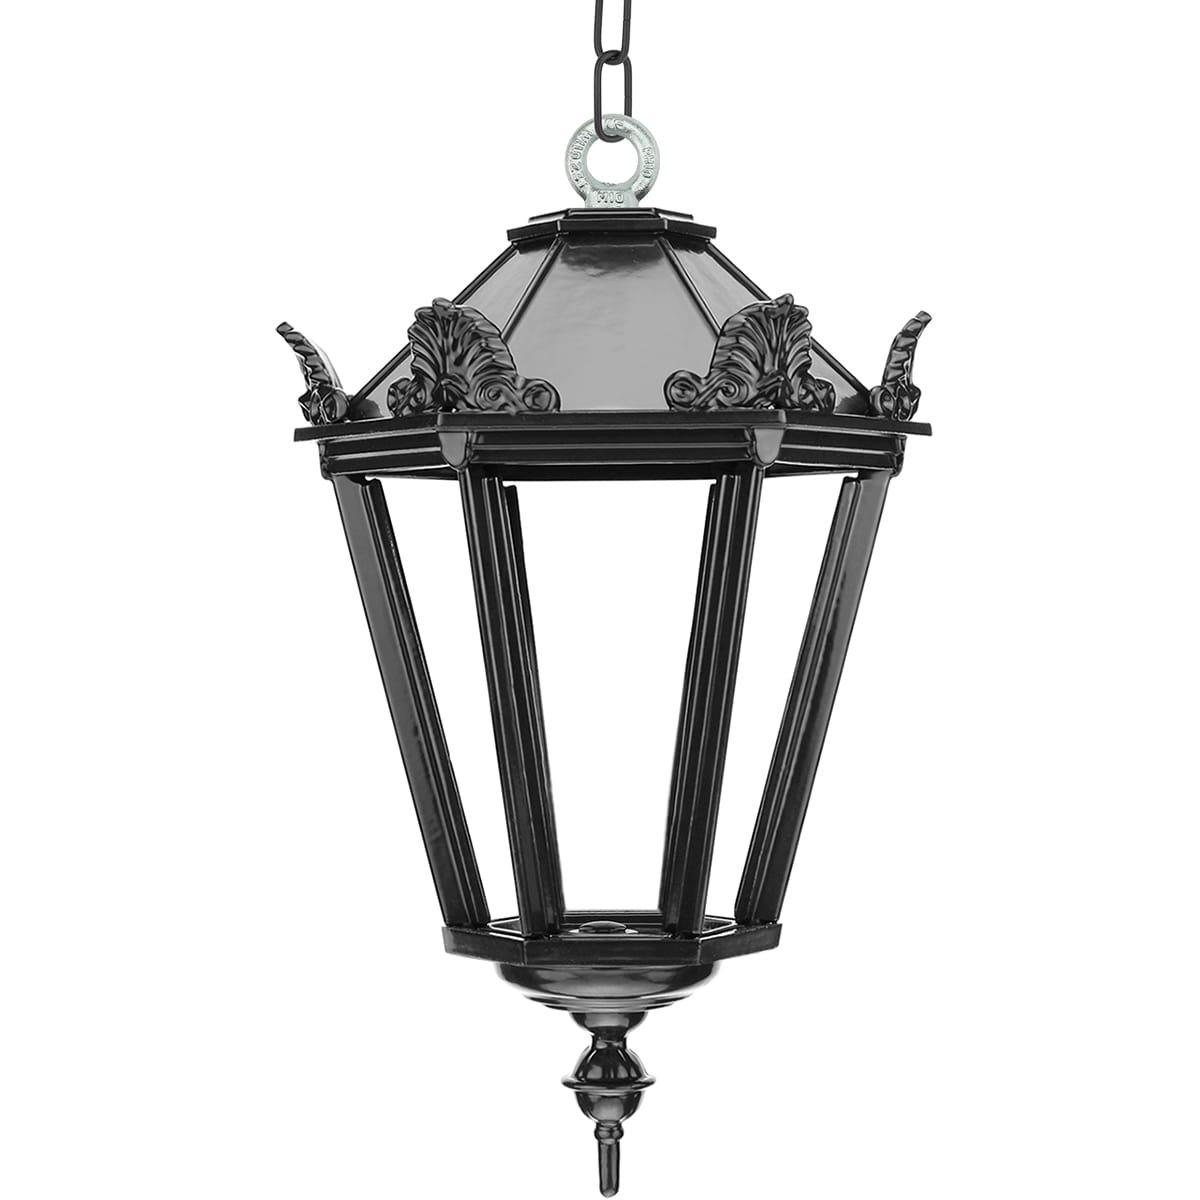 Außenbeleuchtung Klassisch Ländlich Veranda lampe Sliedrecht auf kette XL - 70 cm